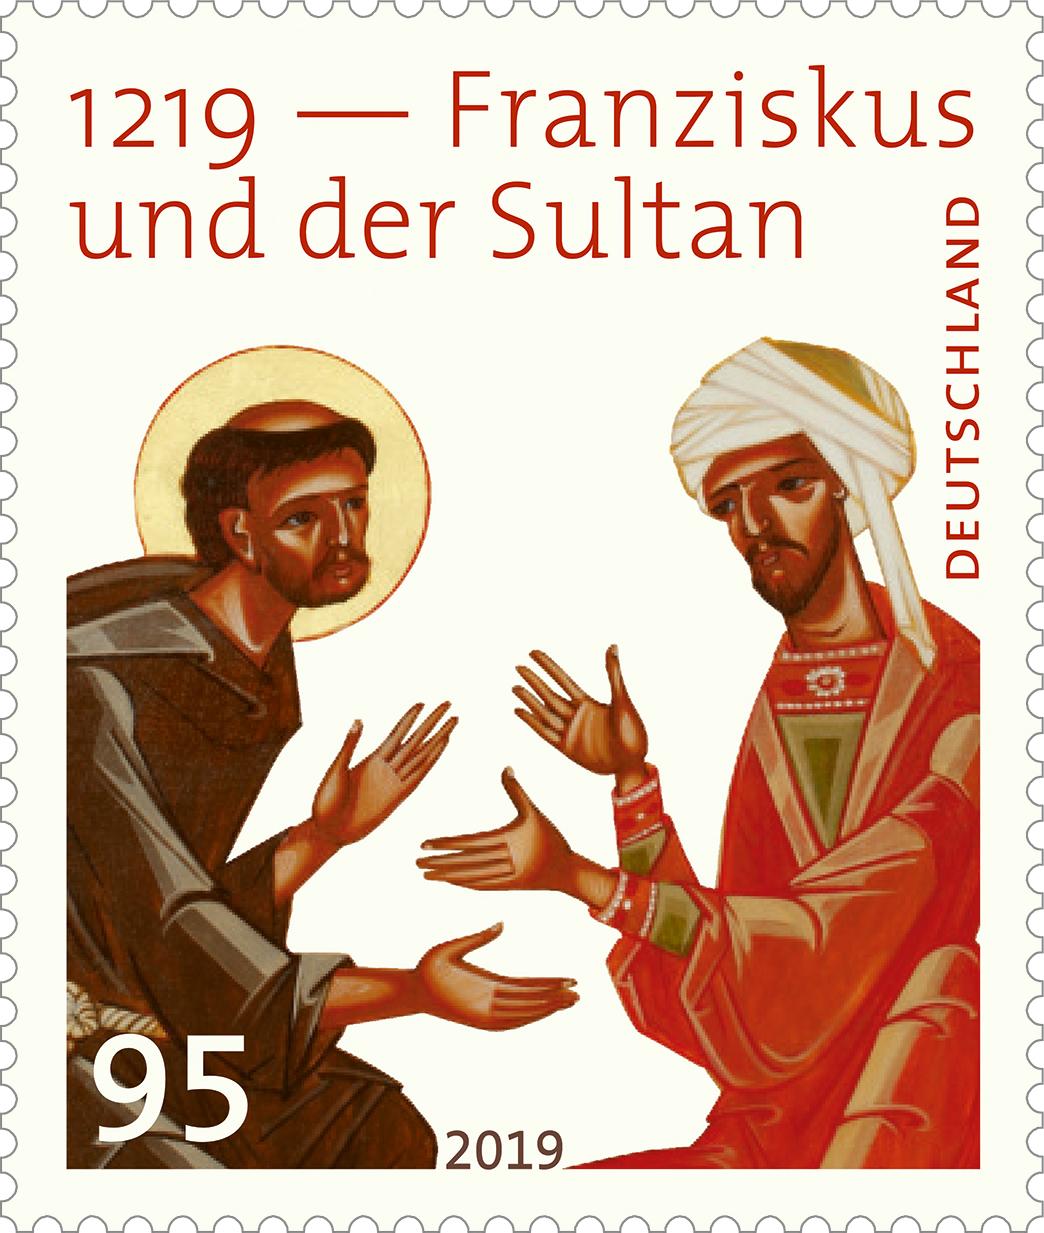 https://www.borek.de/briefmarke-franziskus-und-der-sultan